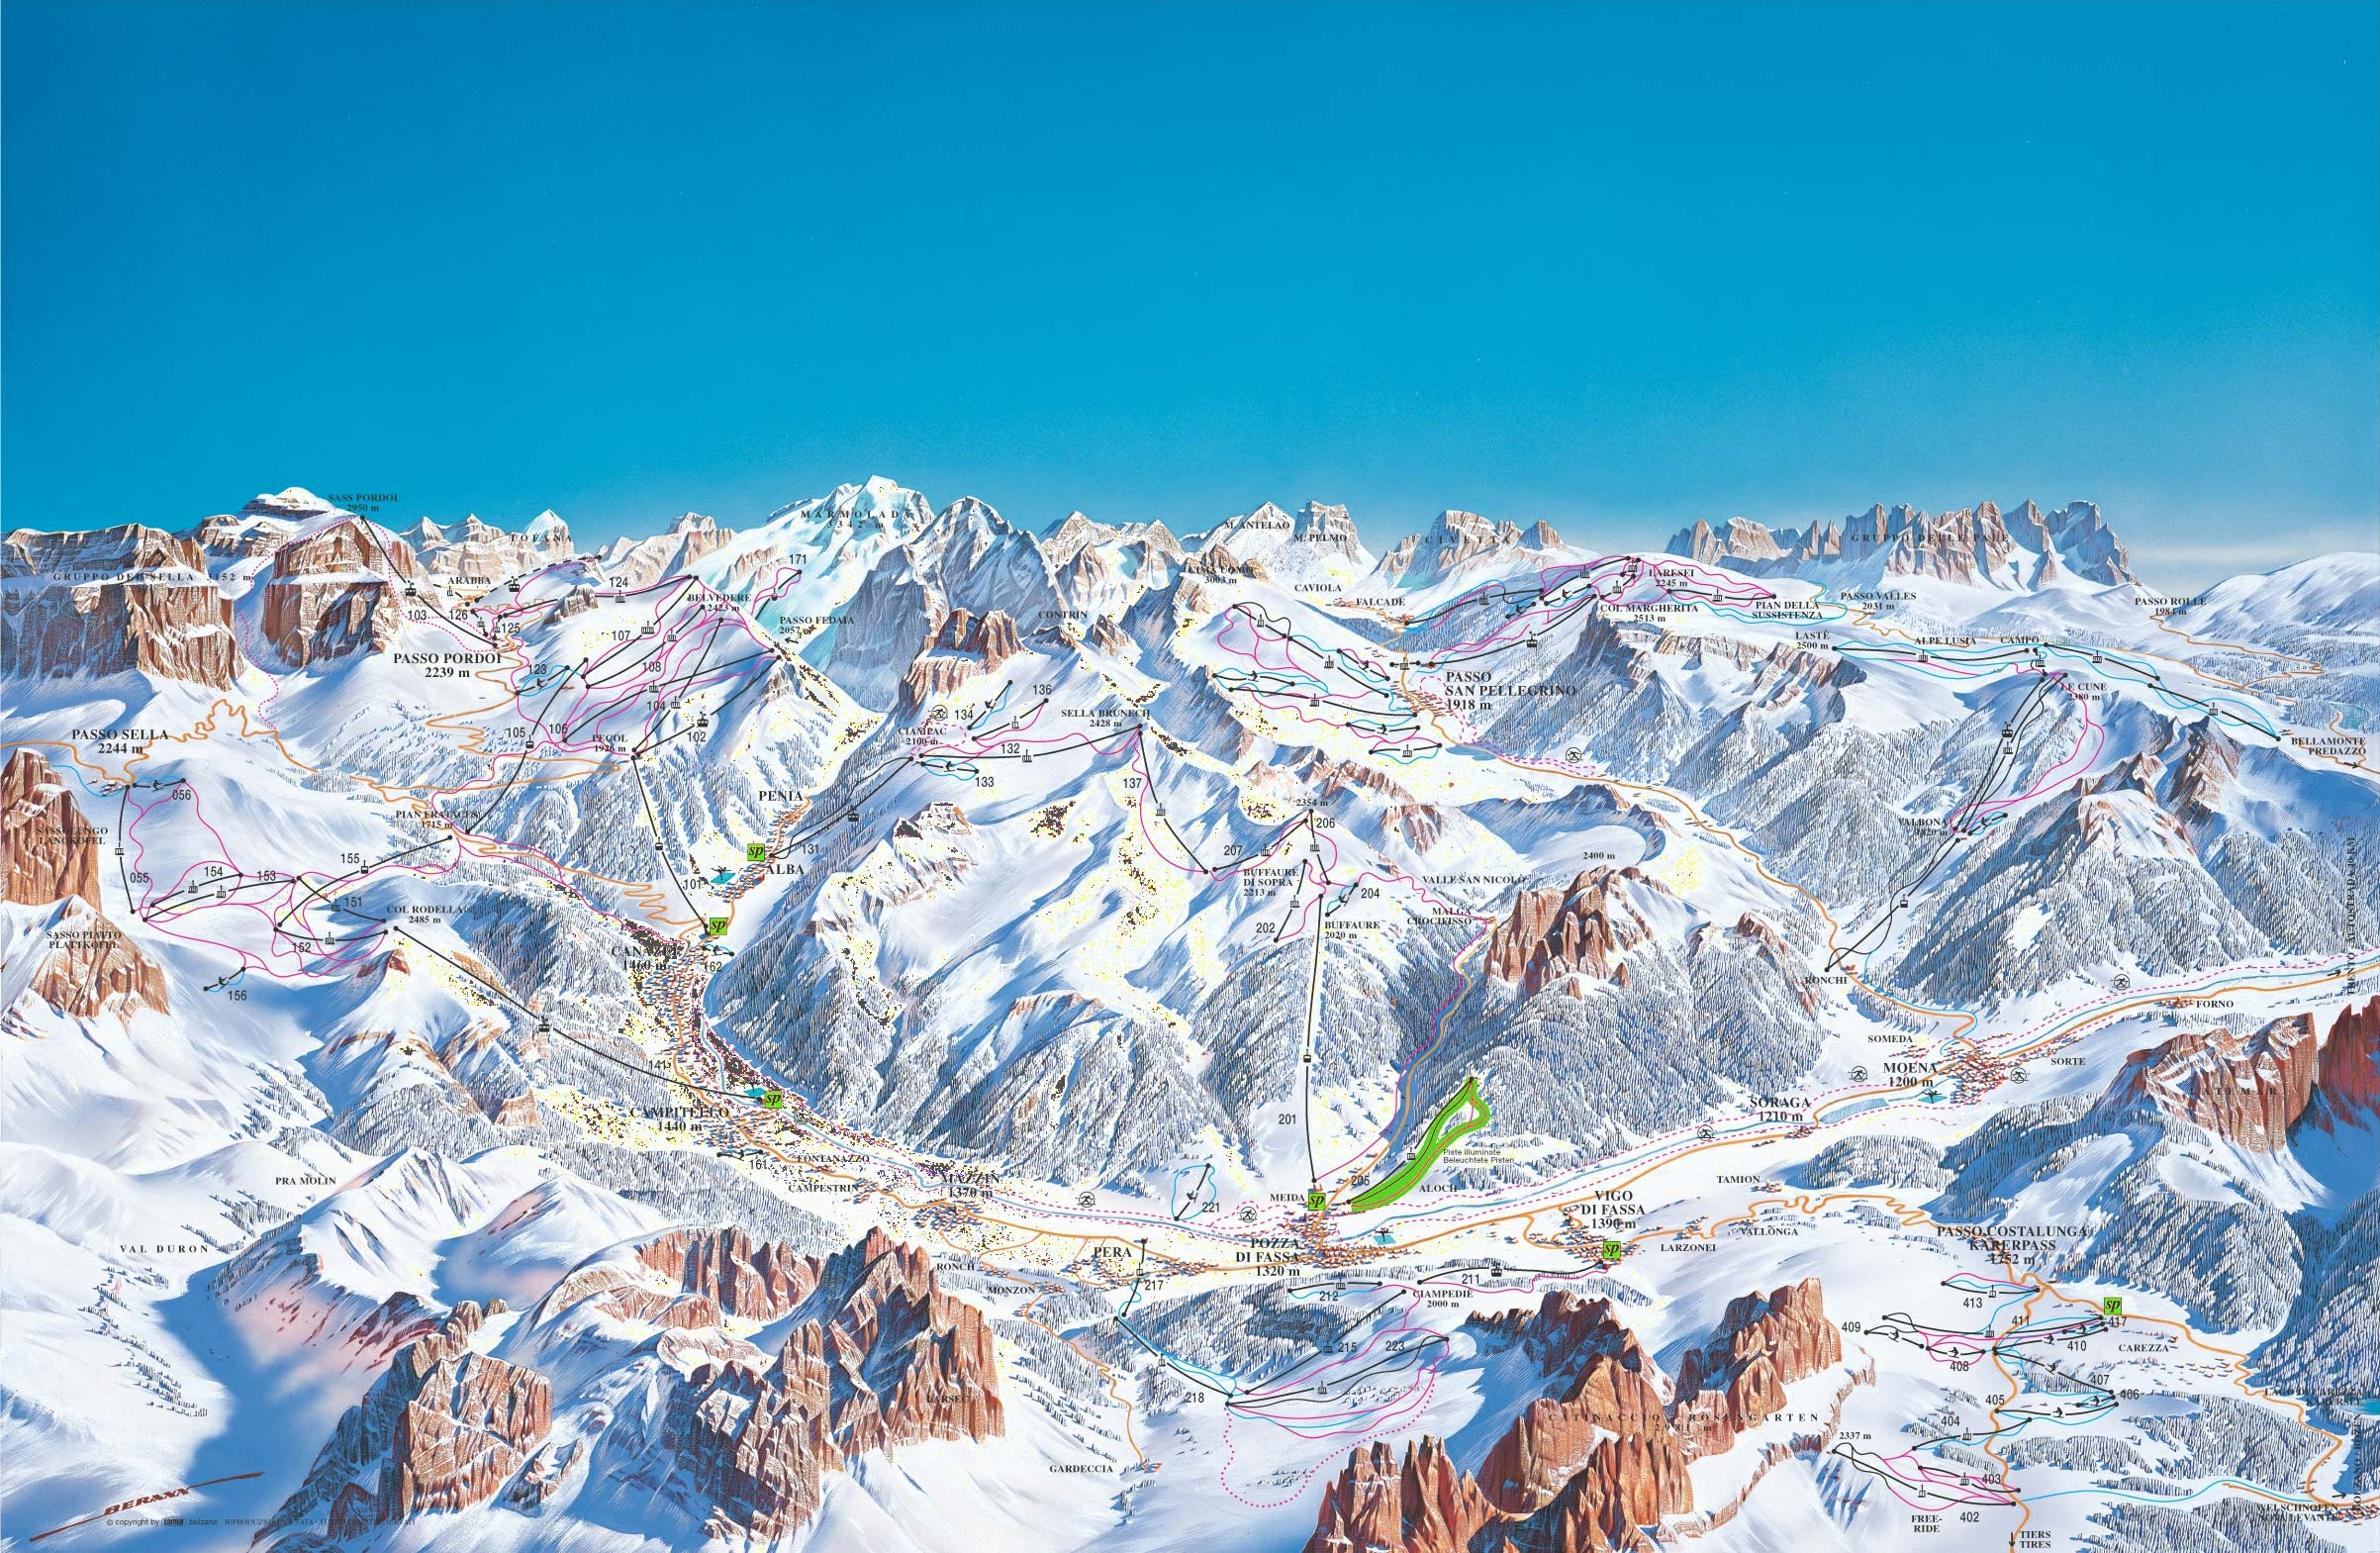 Canazei Campitello Ski Trail Map Canazei Italy mappery